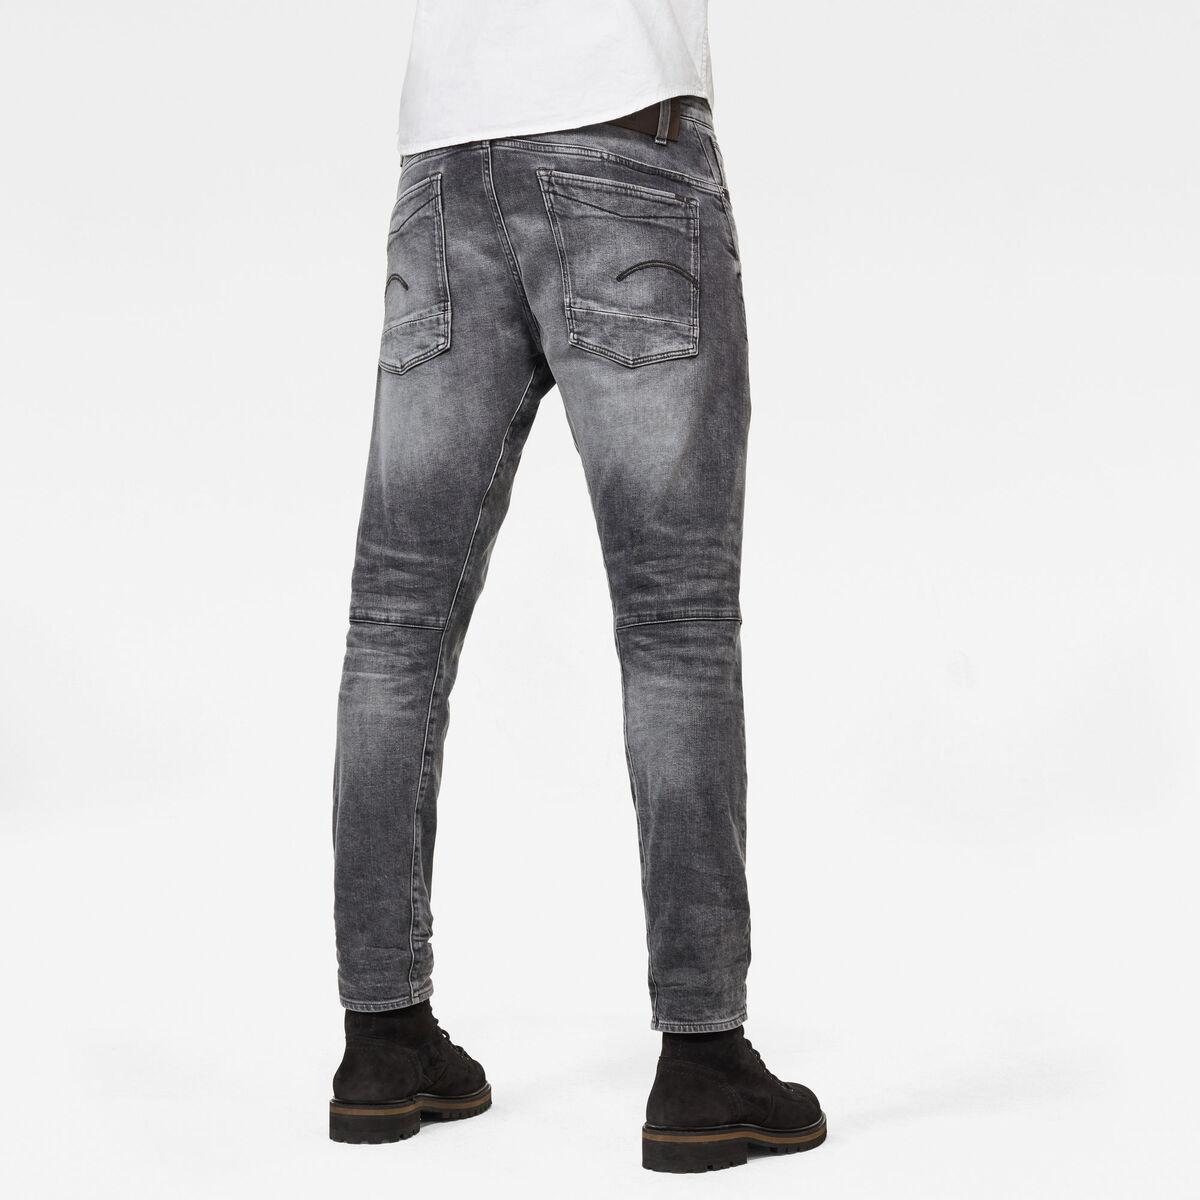 Bild 2 von Scutar 3D Slim Tapered Jeans